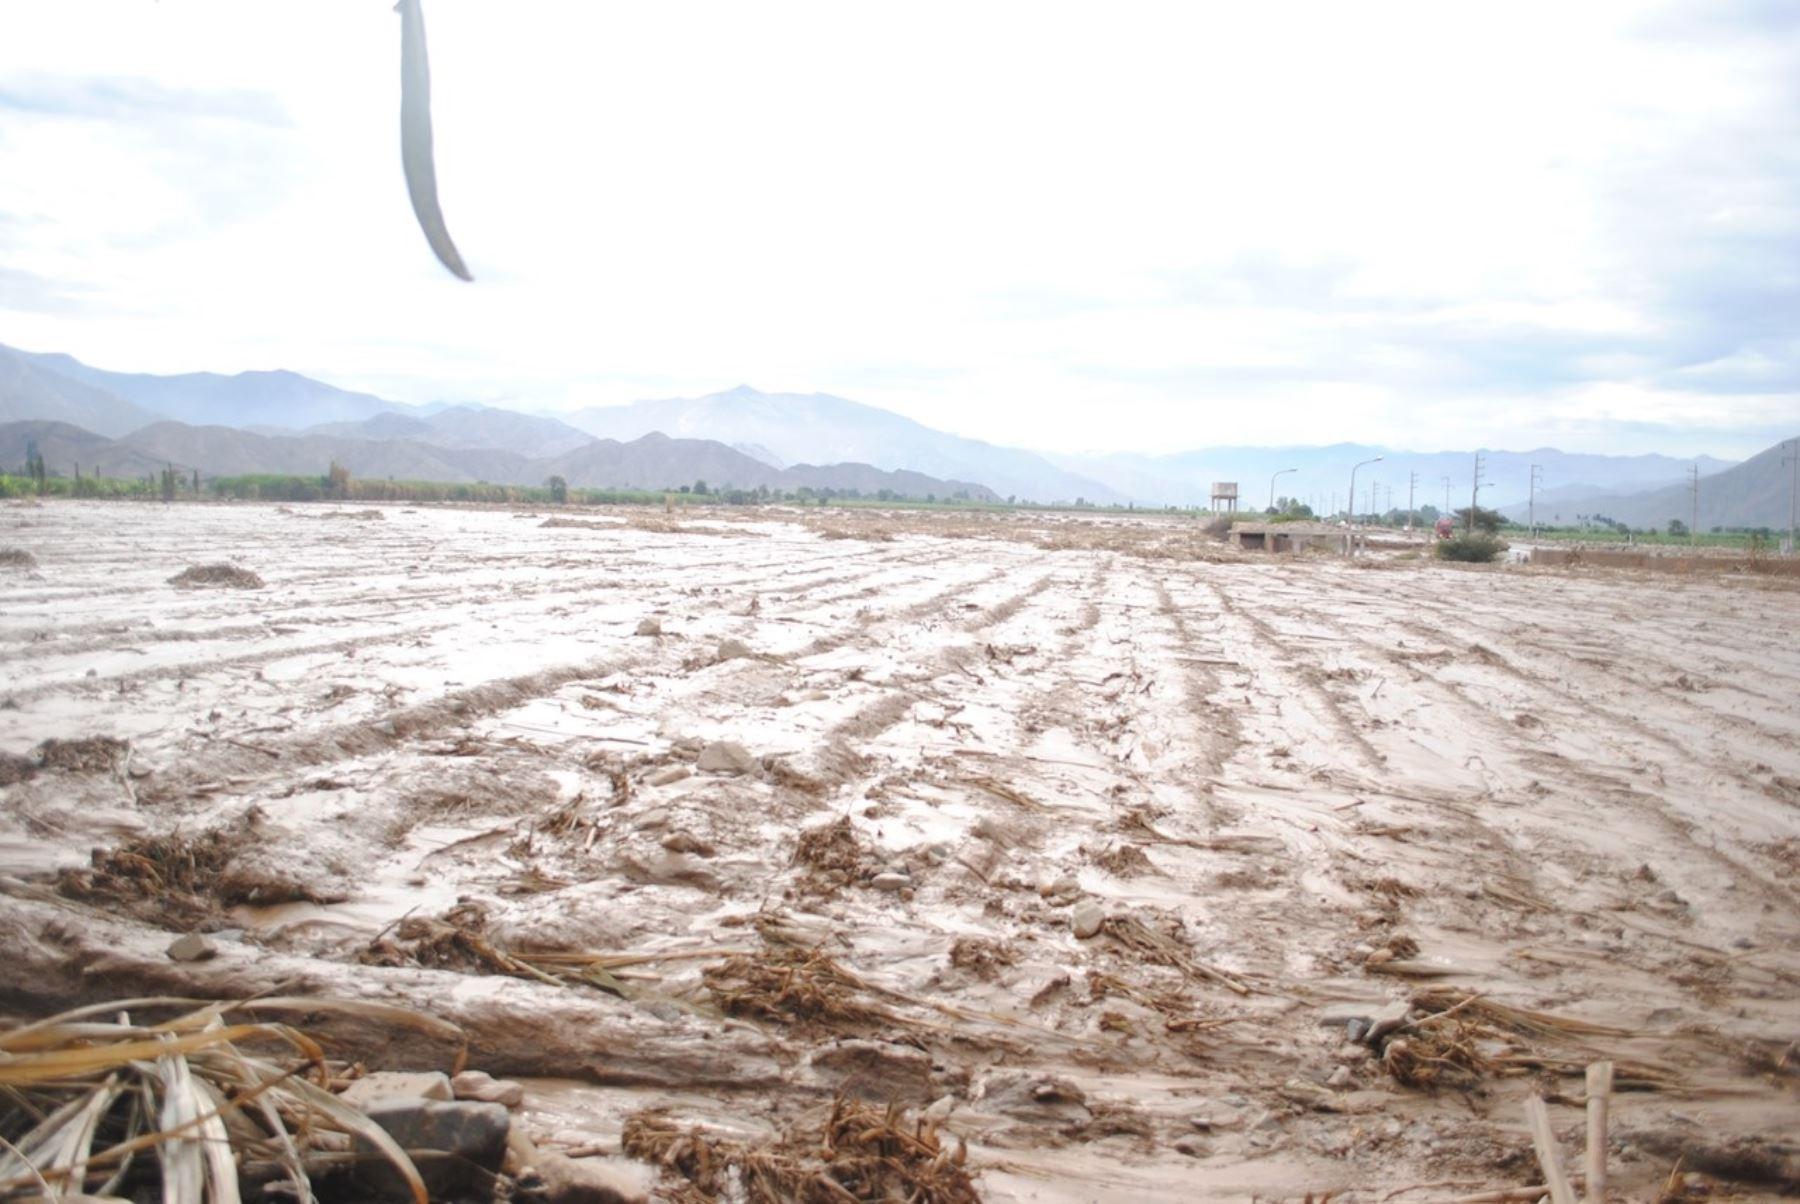 Los desastres naturales afectaron seriamente la Empresa Agraria Azucarera Andahuasi, en el distrito de Huacho, provincia de Huaura.